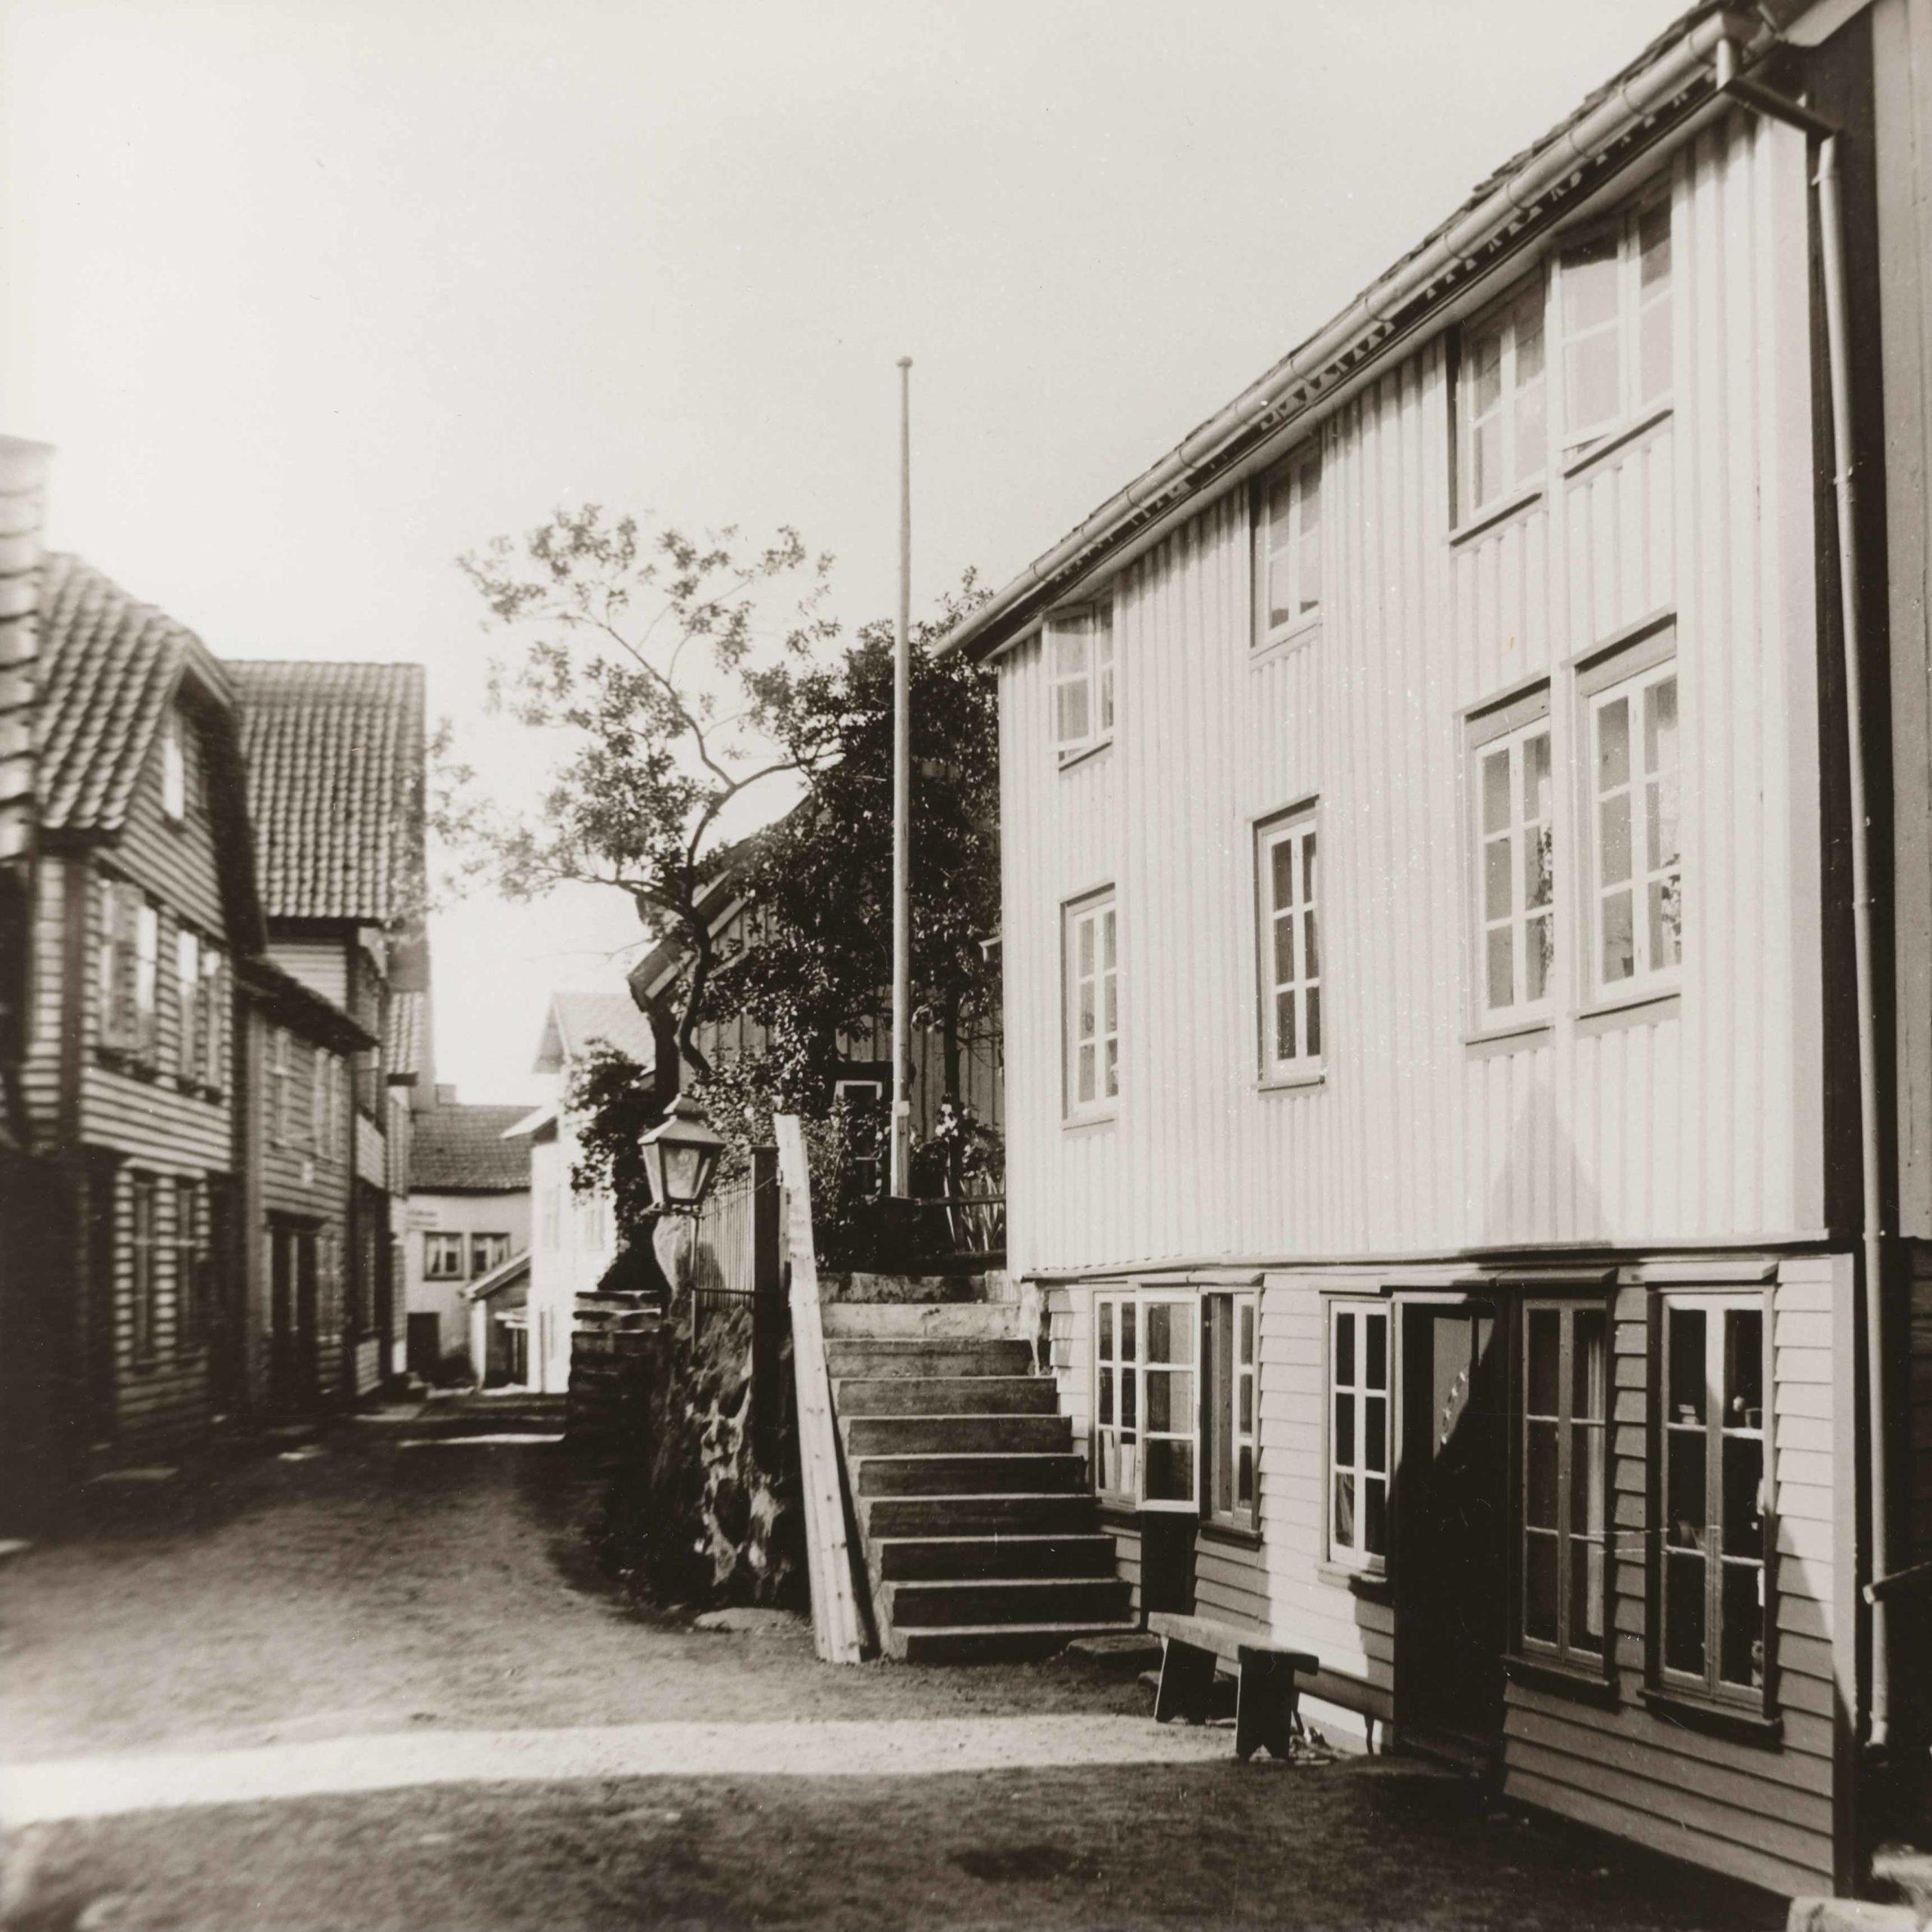 Historie Sogndalstrand ladested